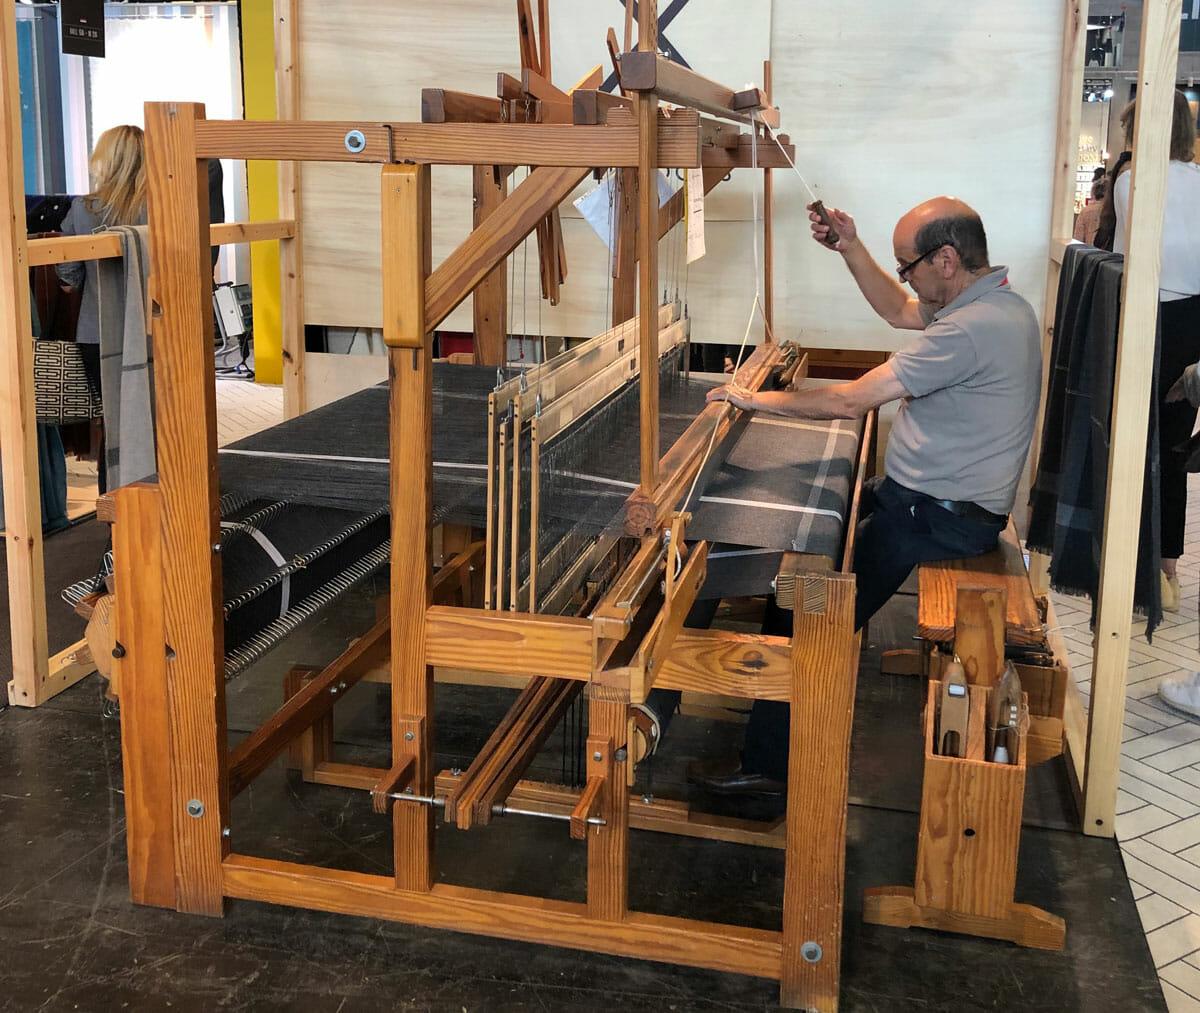 「WORK!」のセレクトはとても幅が広く、ファブリック分野のブランドからもアイテムが選定されている。伝統的な手法を用いたテキスタイルを展開する「TEXIDORS」の展示ブースでは、手織り作業の実演が行われていた。